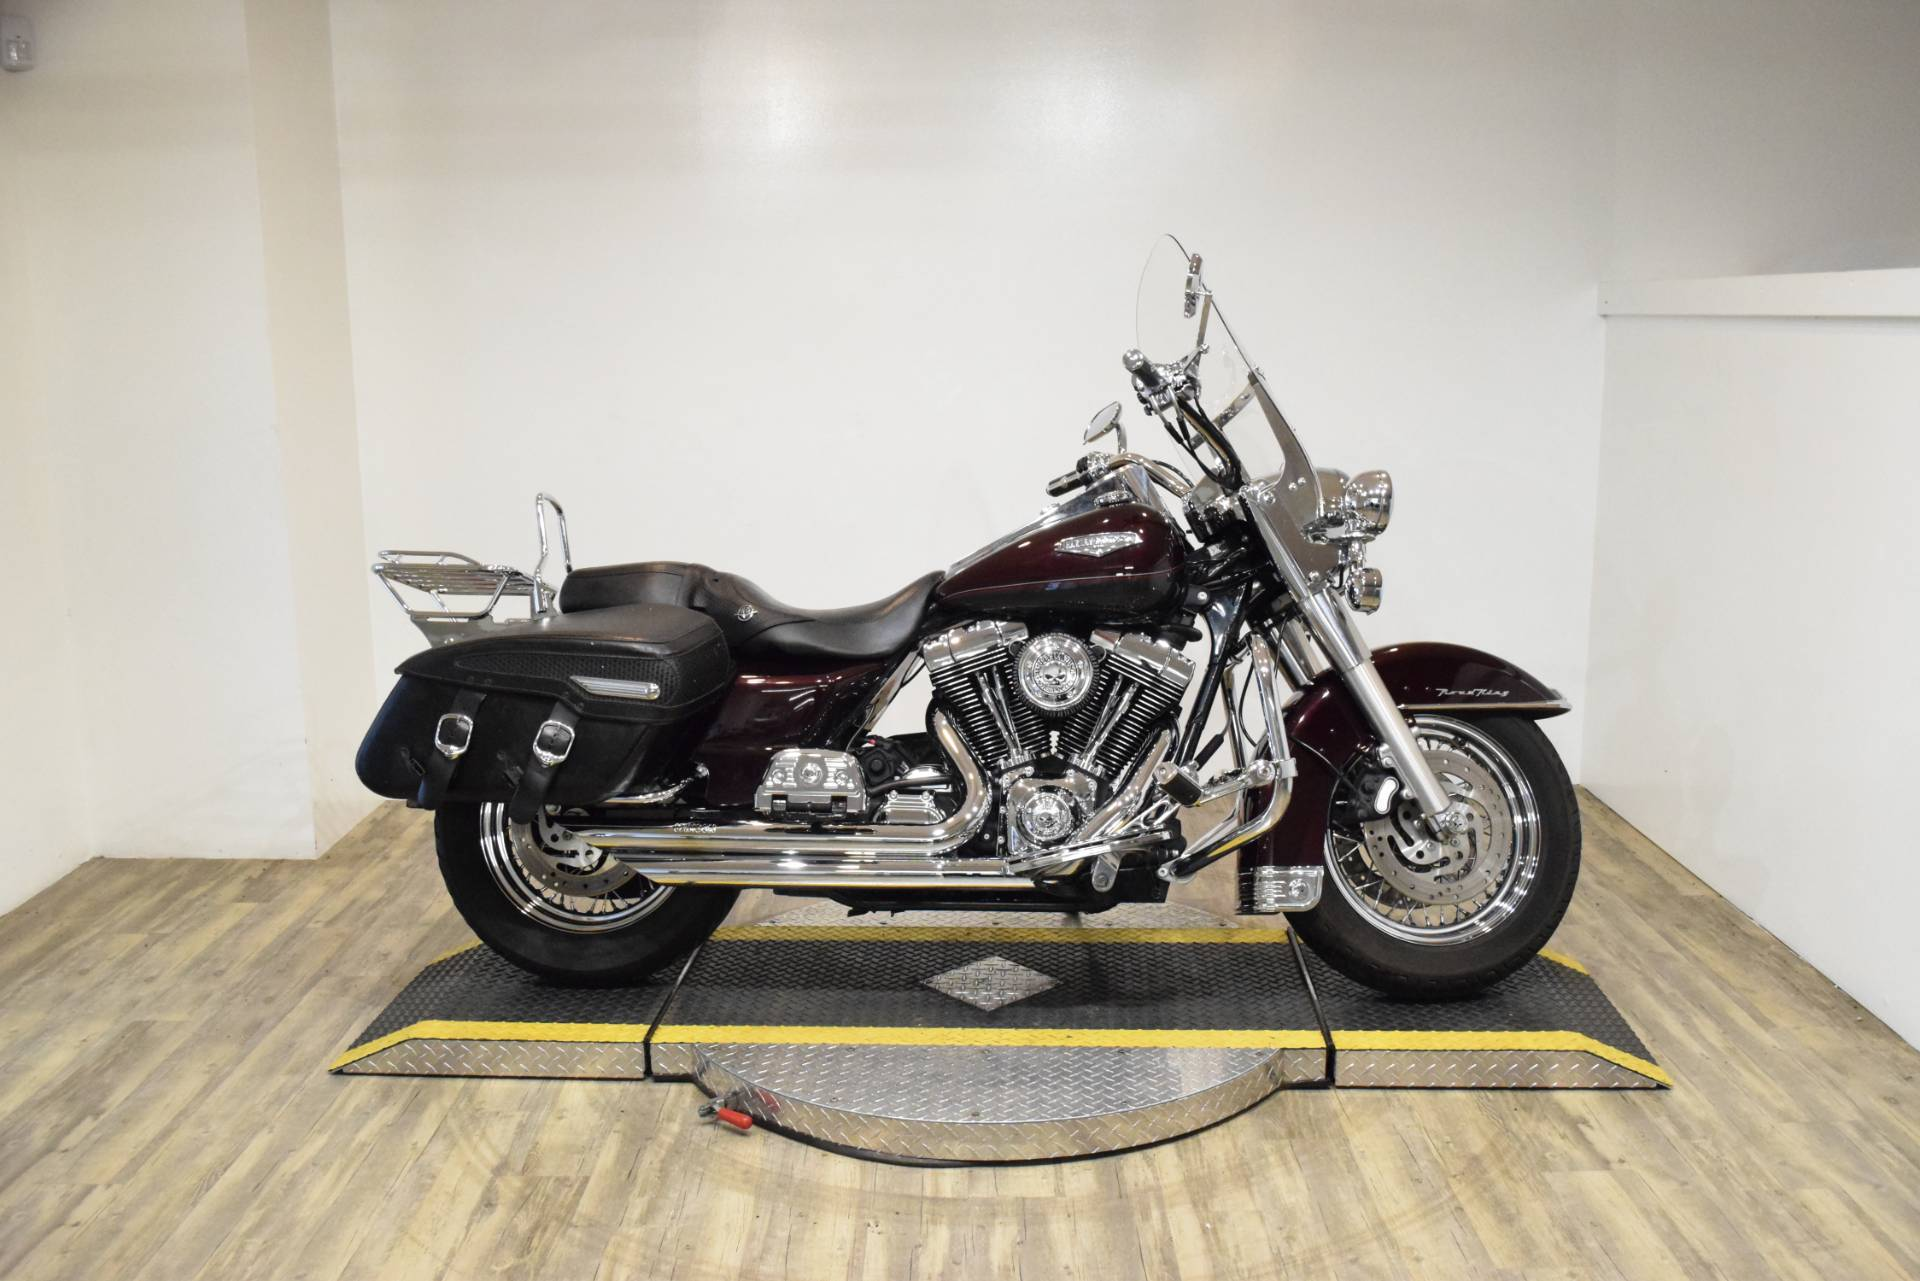 2005 Harley-Davidson FLHRS/FLHRSI Road King Custom 1